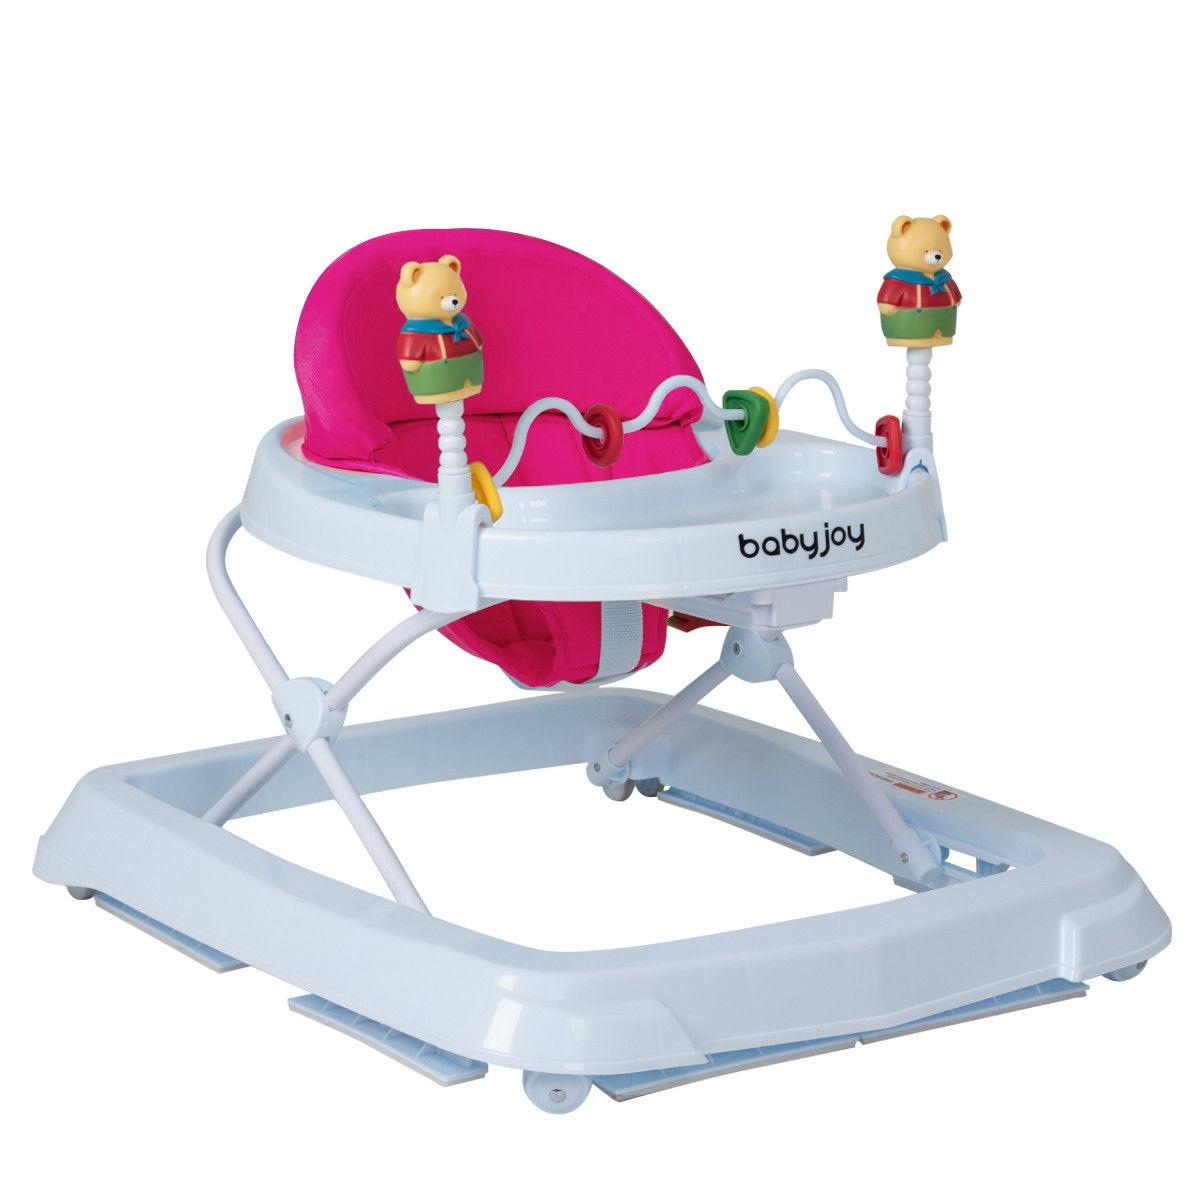 Baby Walker - Pink Adjustable Height 30-Lbs Weight ...